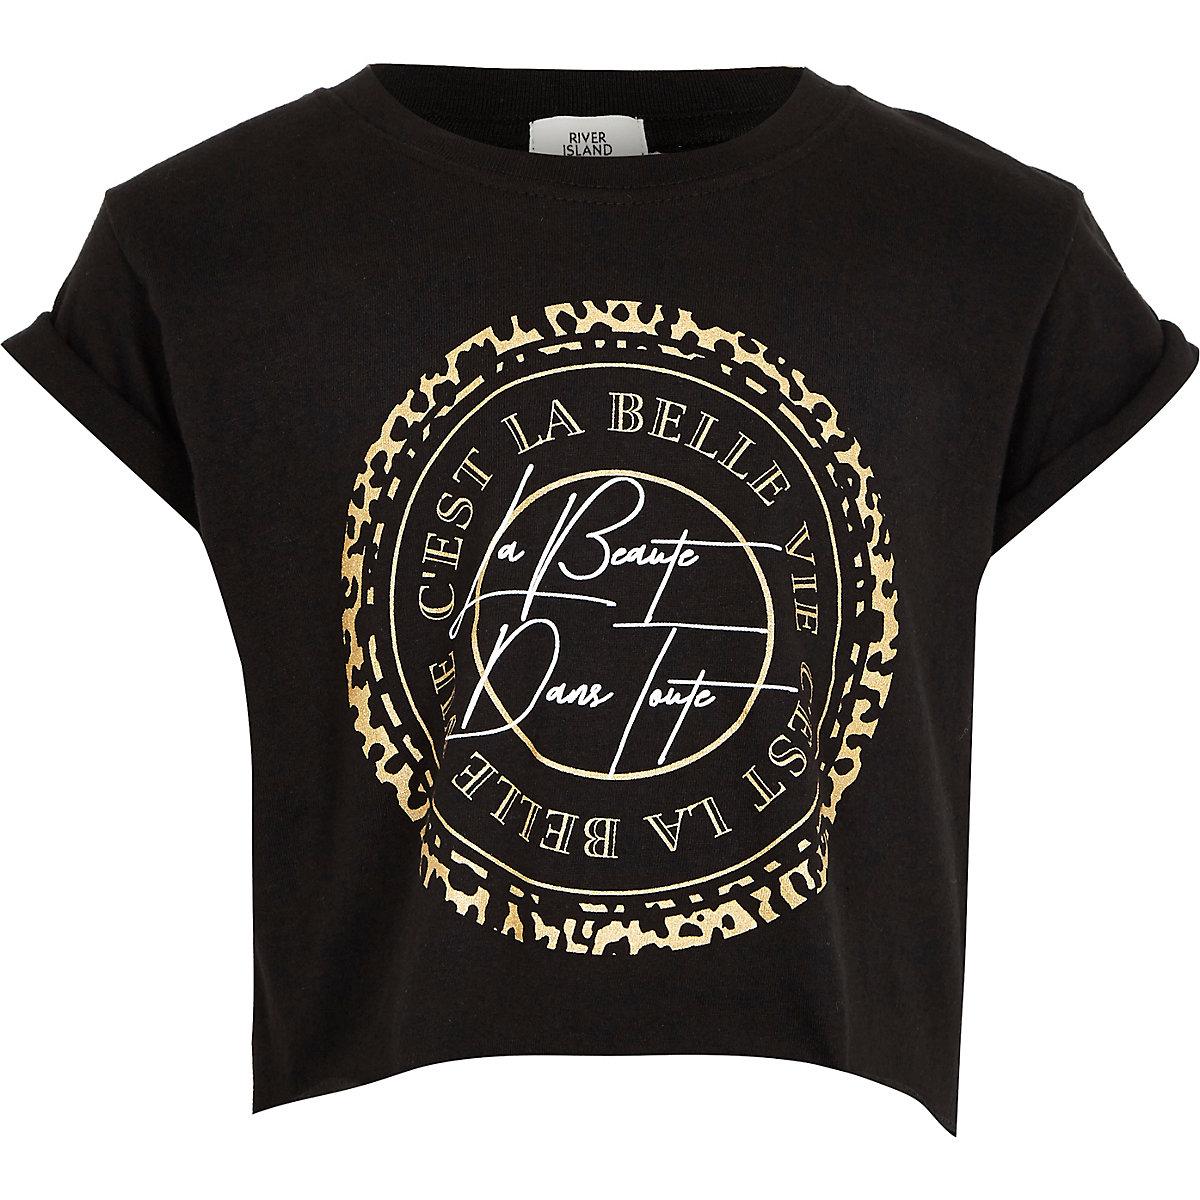 Girls black 'C'est la belle' T-shirt